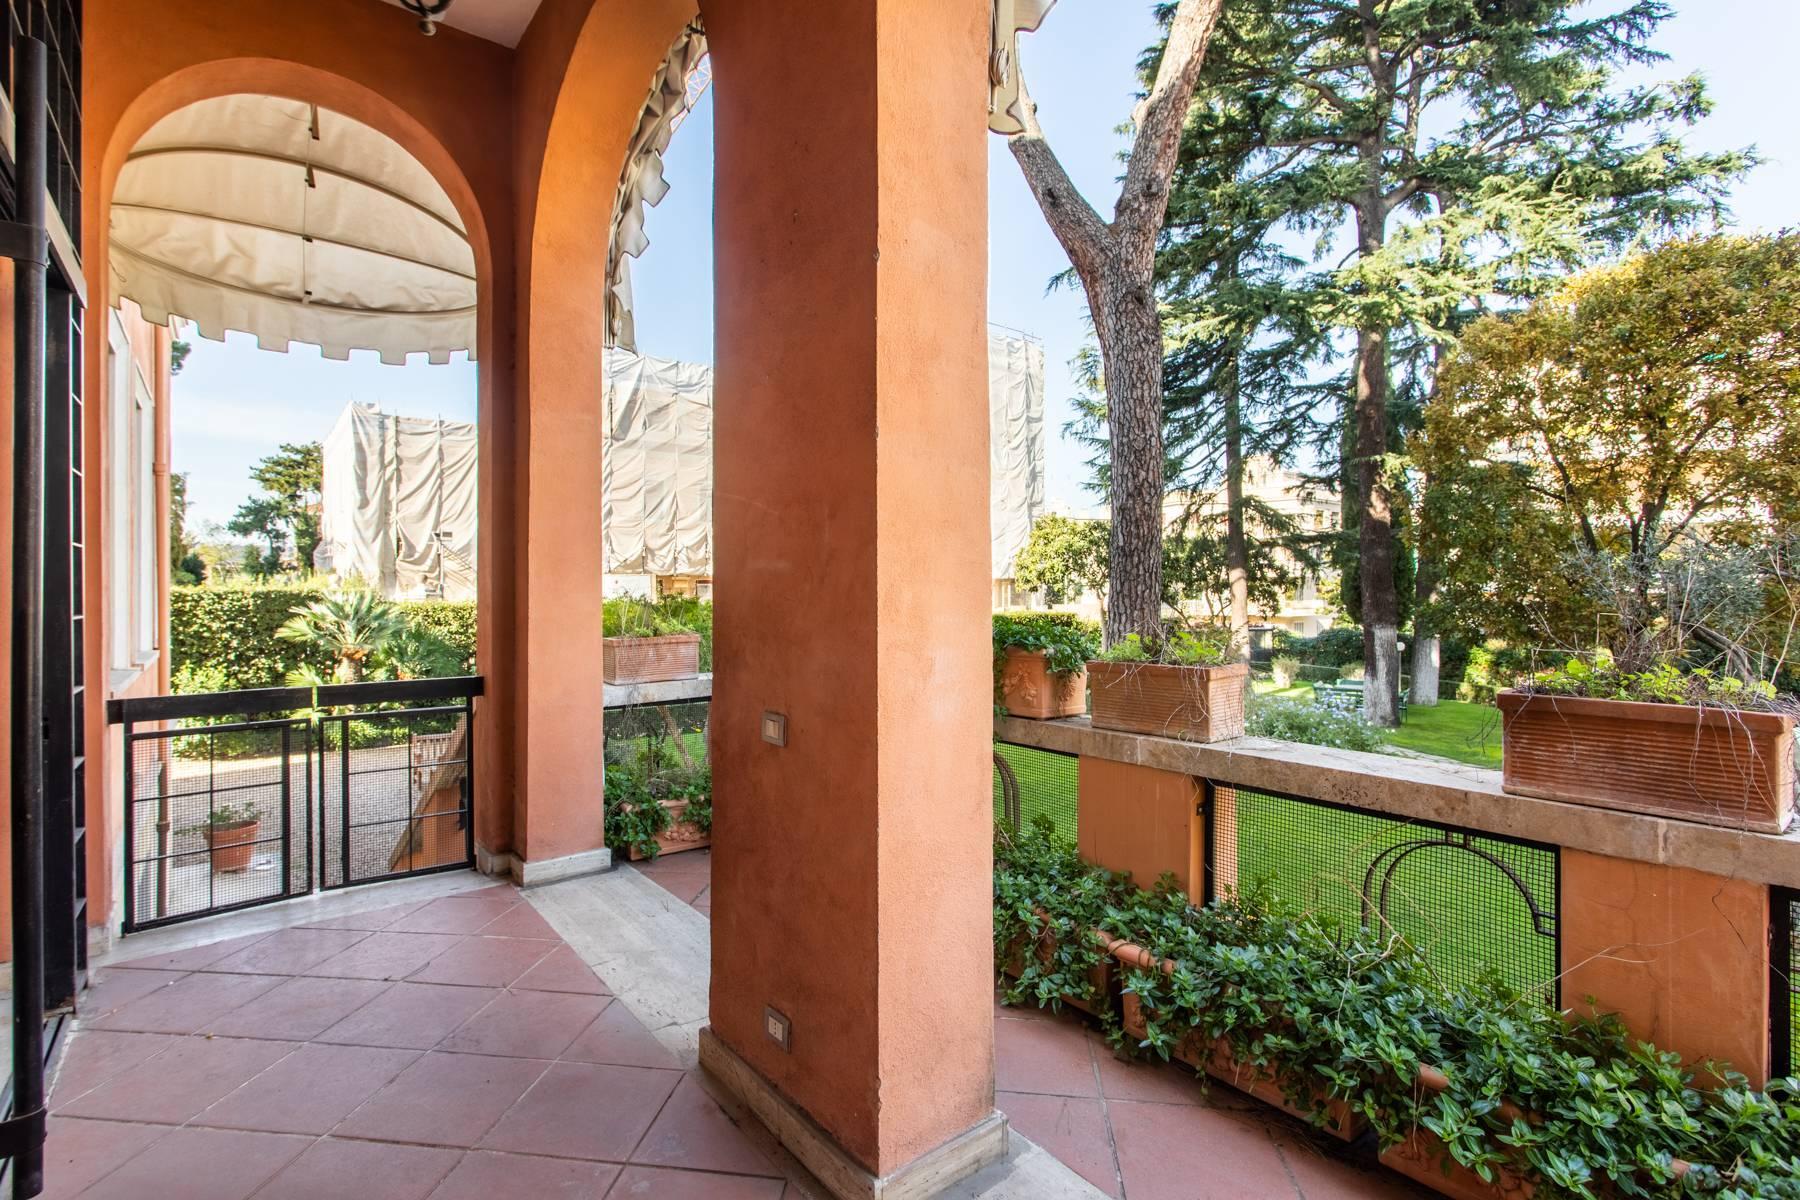 Appartement élégant avec vue sur le jardin - 1